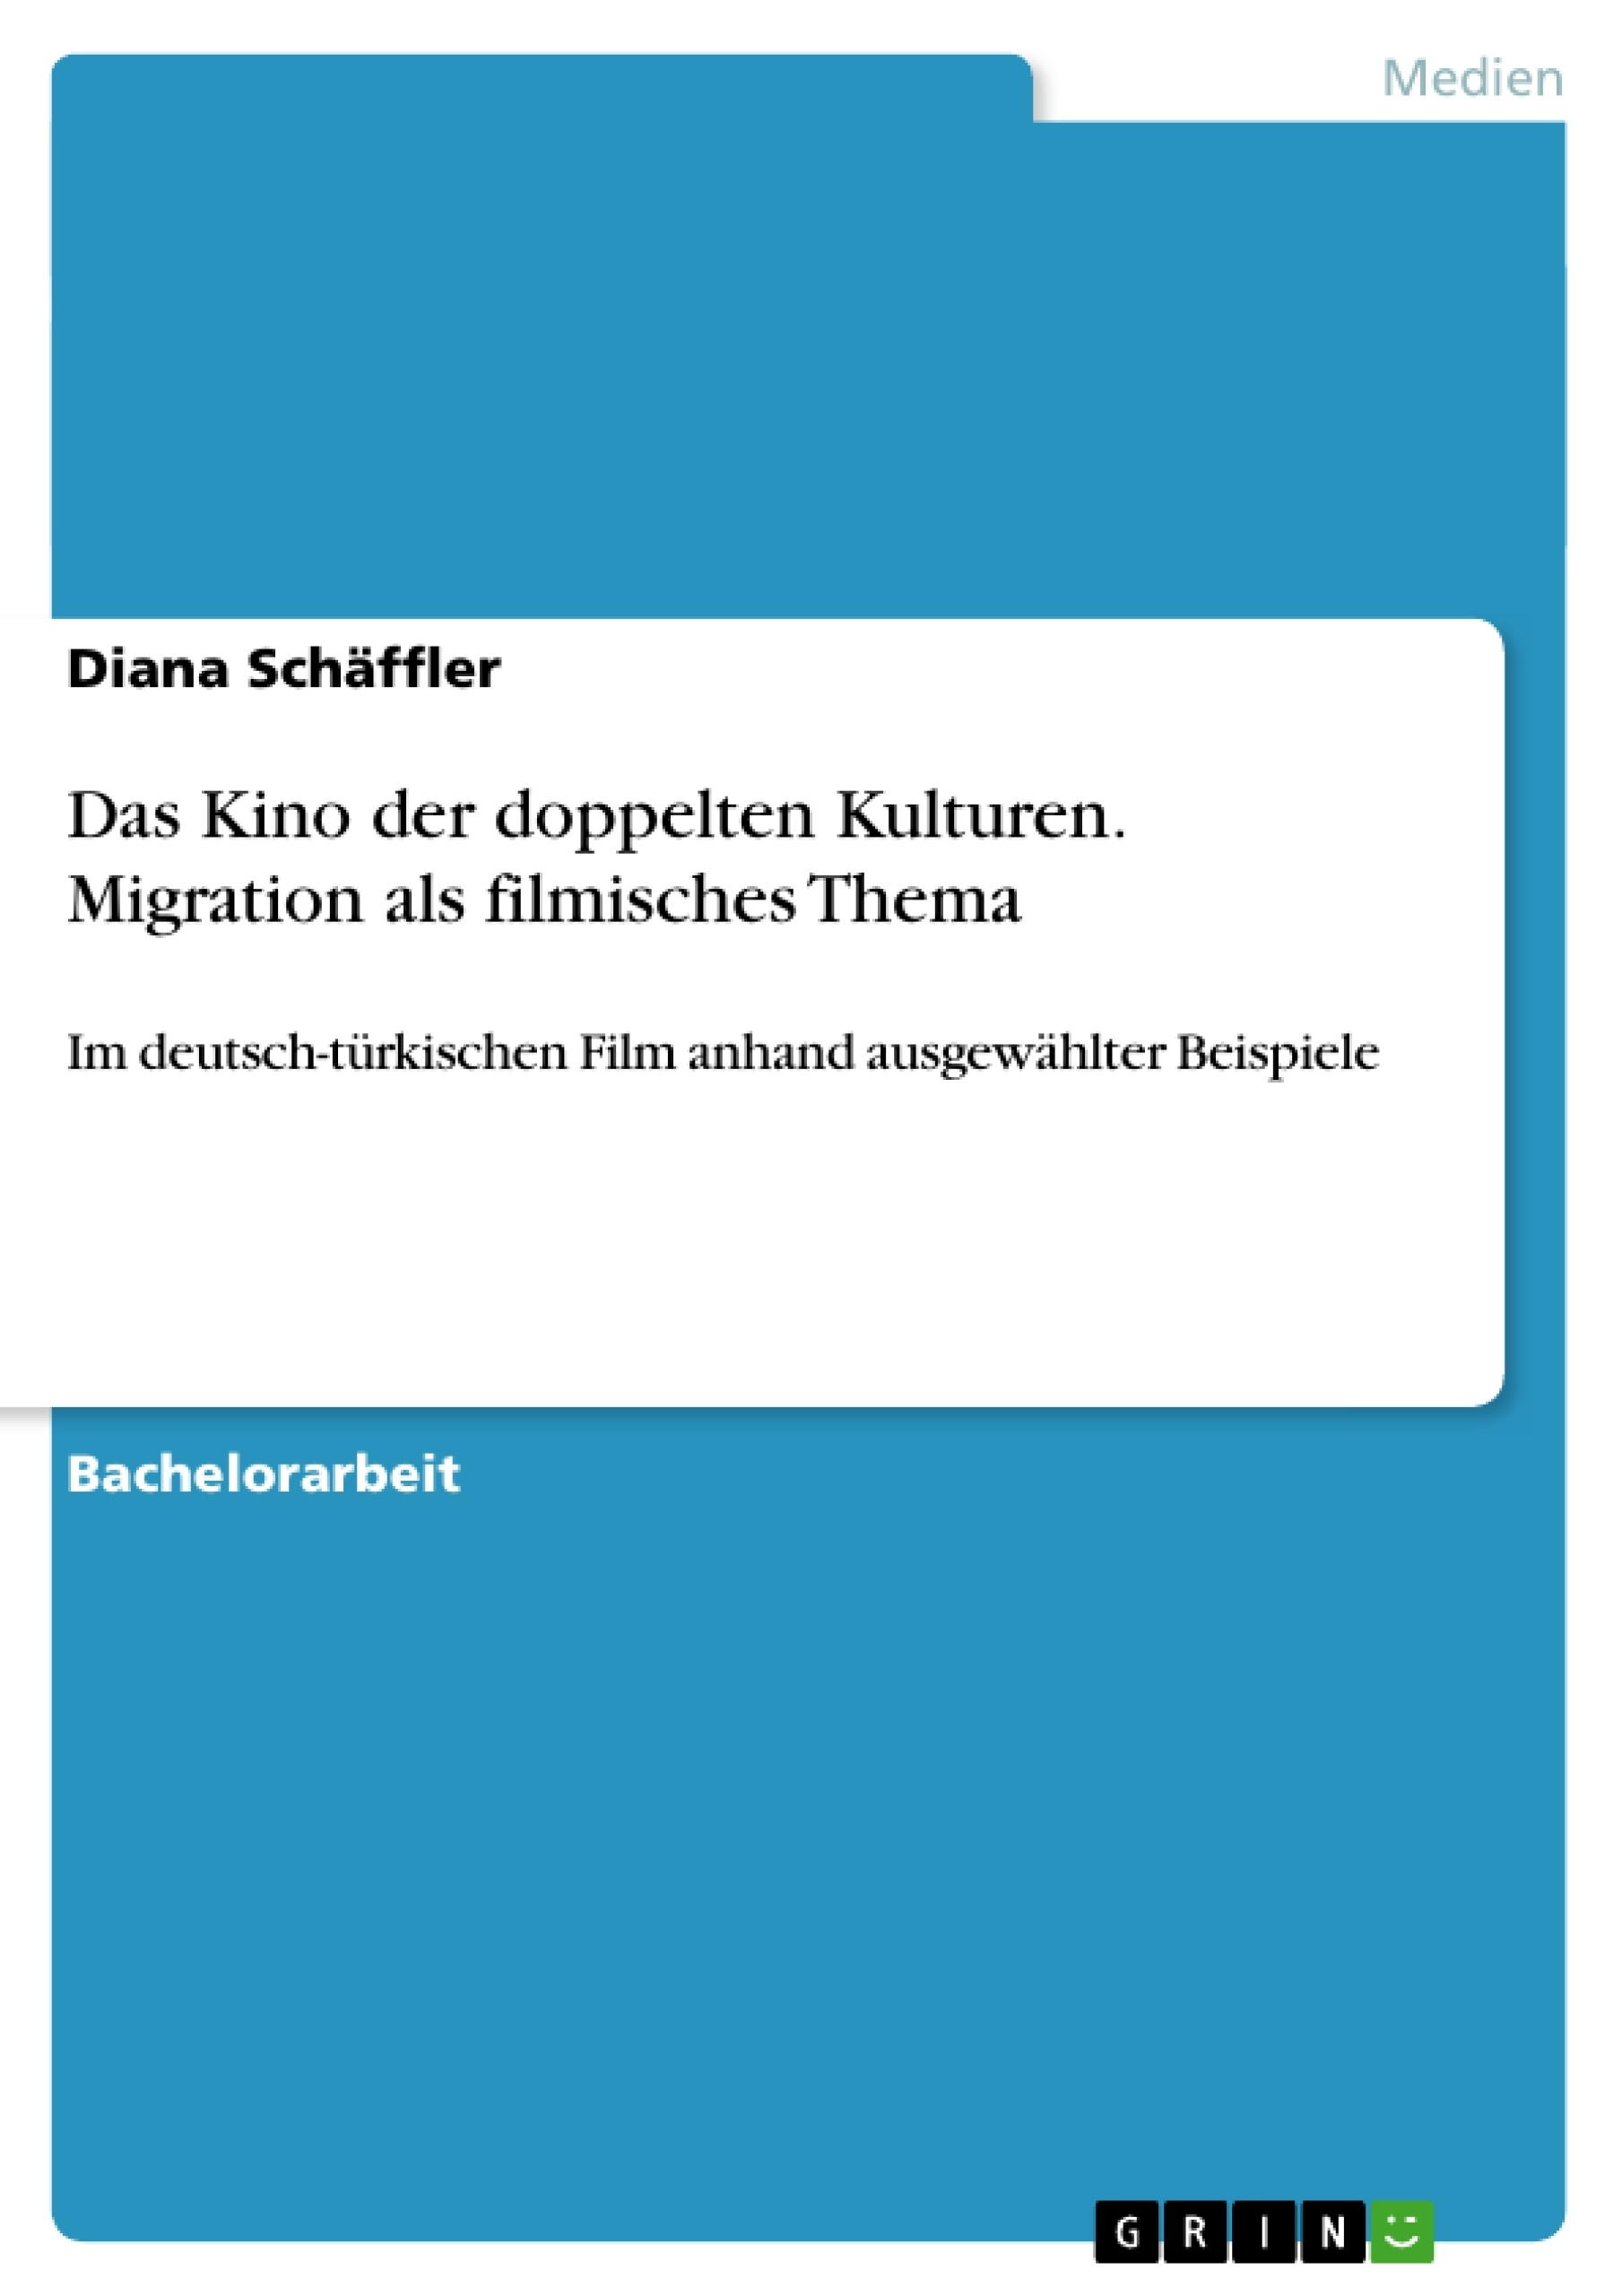 Titel: Das Kino der doppelten Kulturen. Migration als filmisches Thema